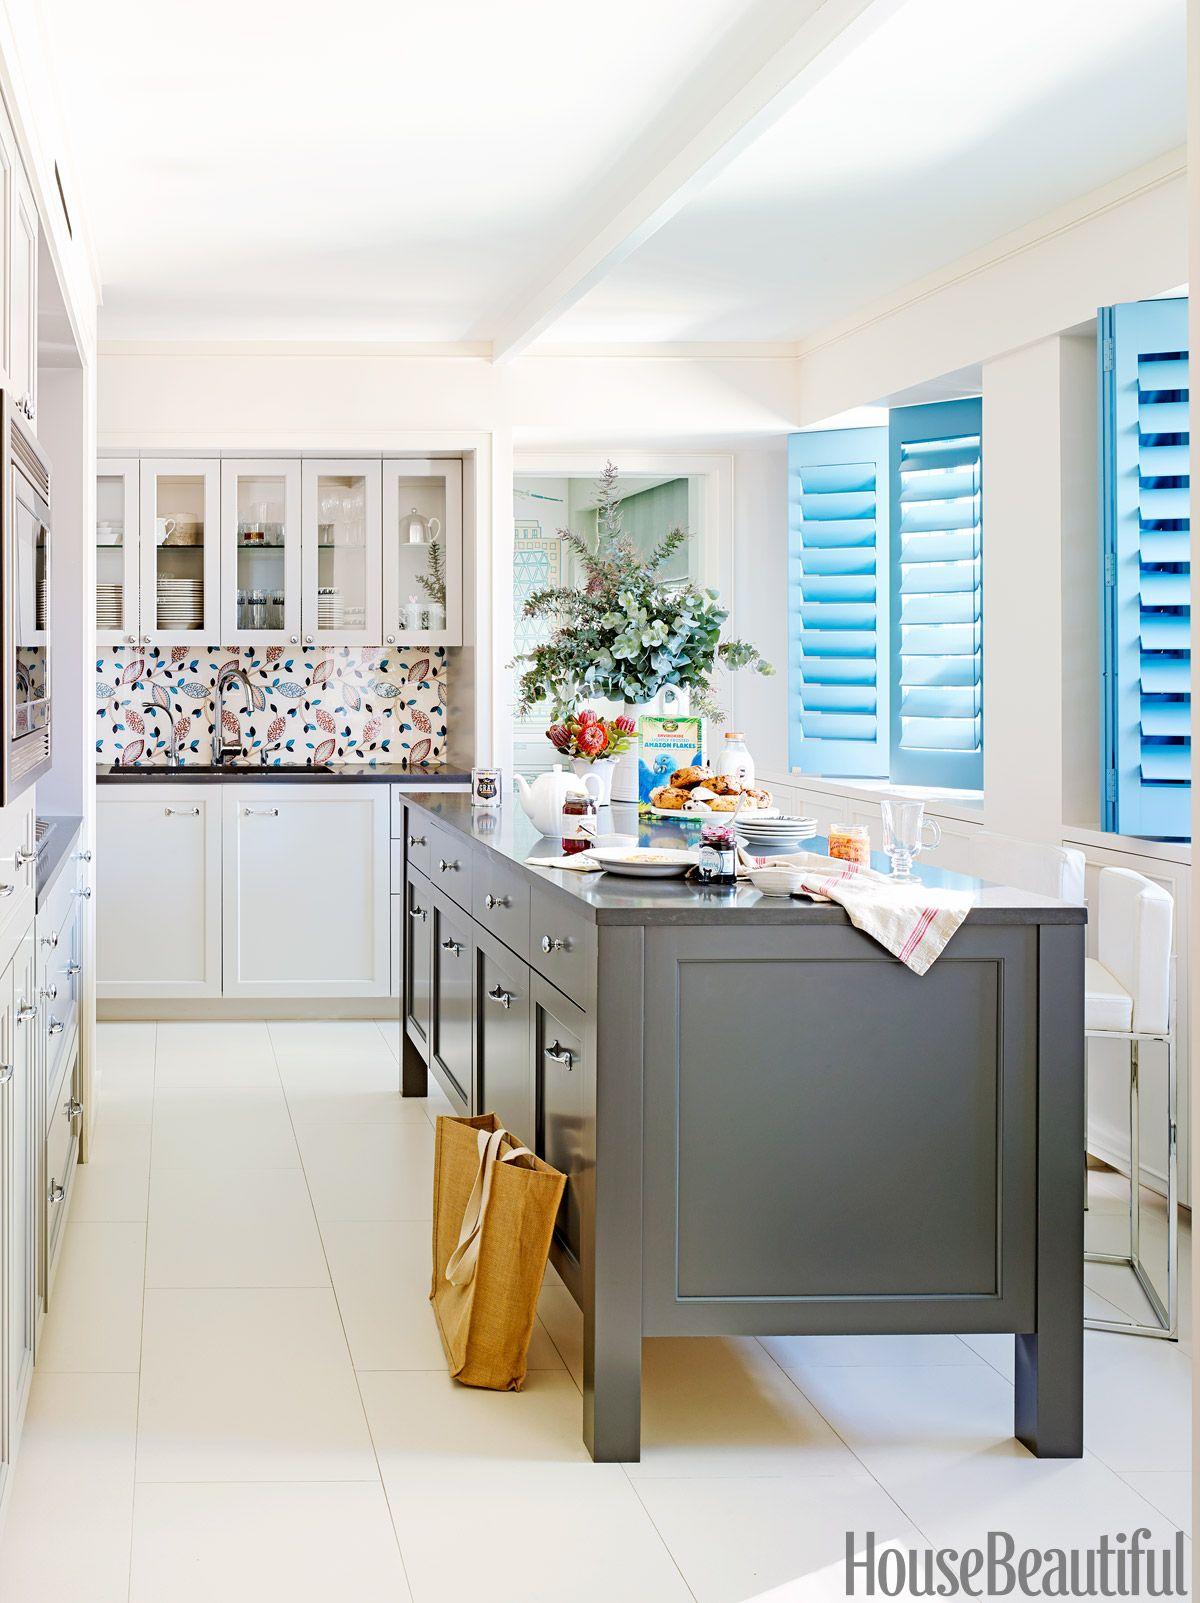 30 great kitchen design ideas in 2018 kitchen decor pinterest rh pinterest com